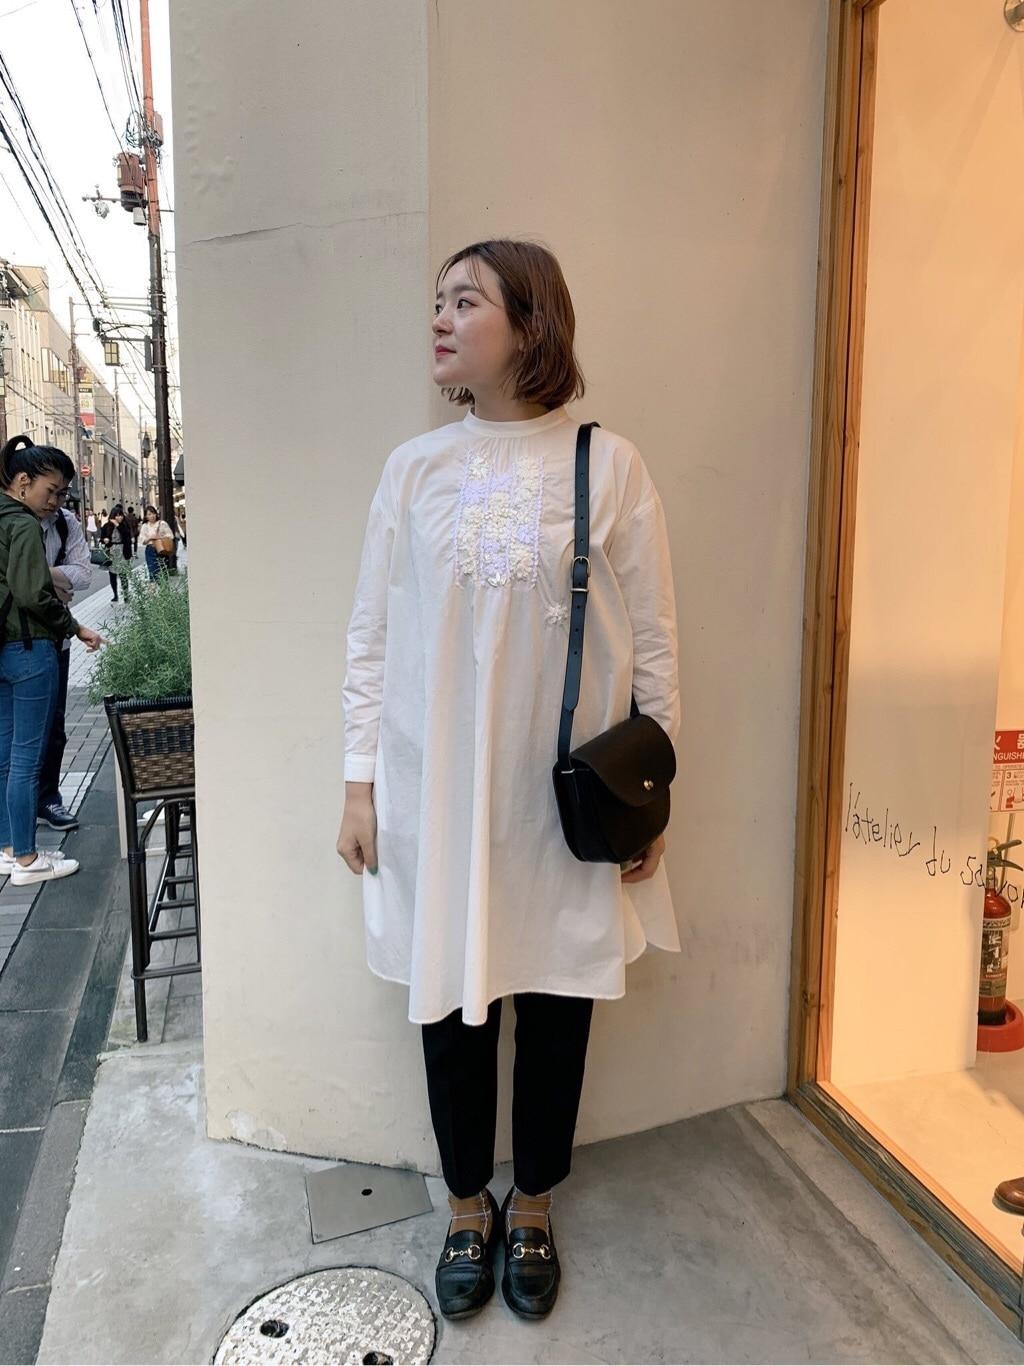 l'atelier du savon 京都路面 身長:166cm 2019.11.08